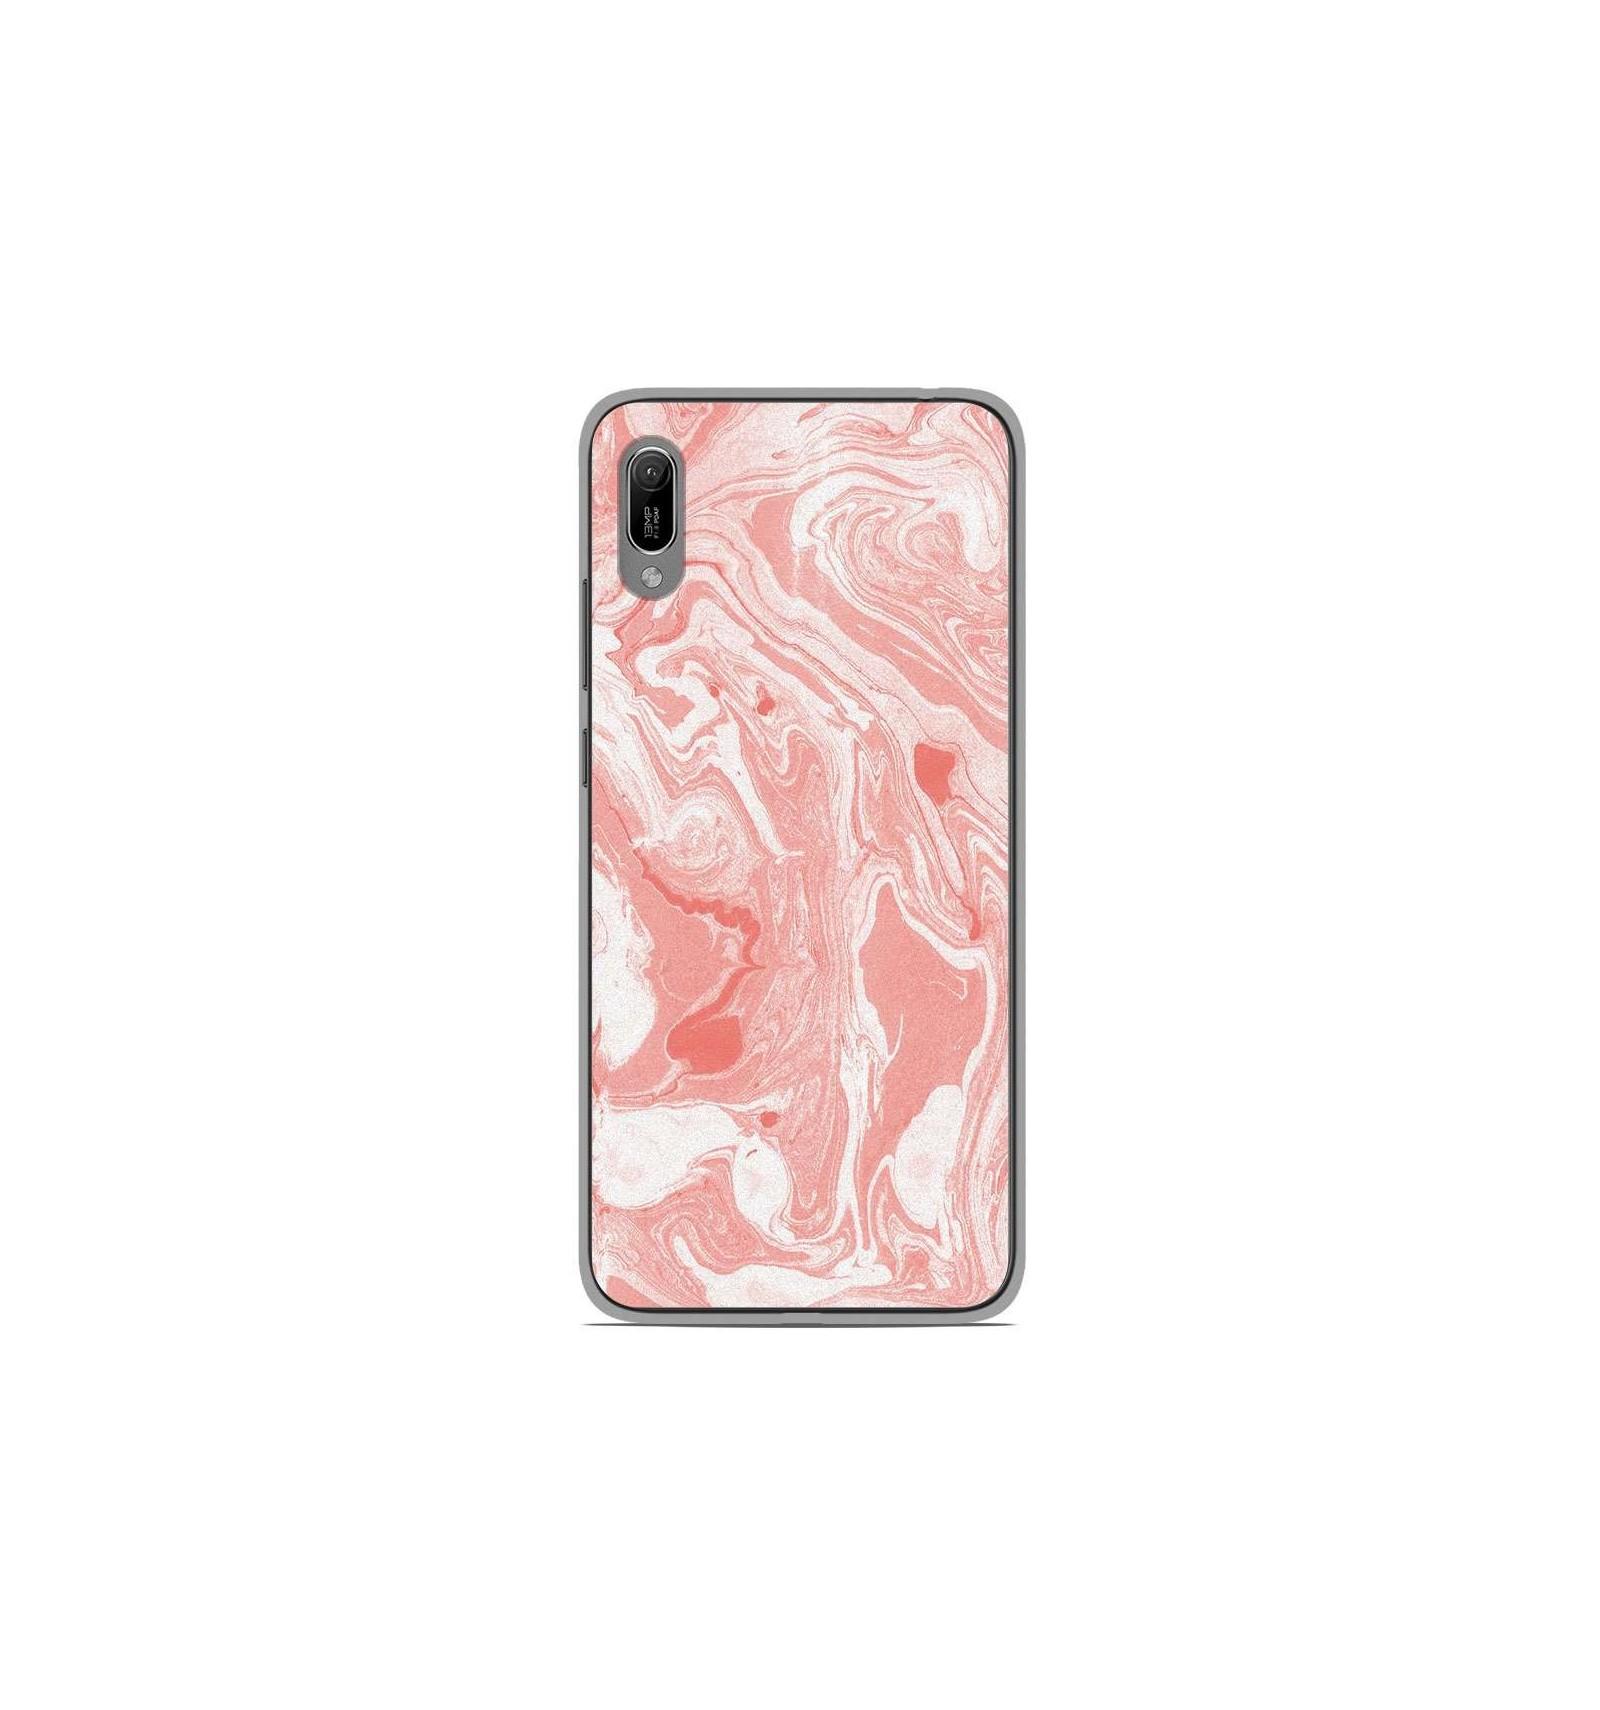 coque marbre huawei y6 pro 2019